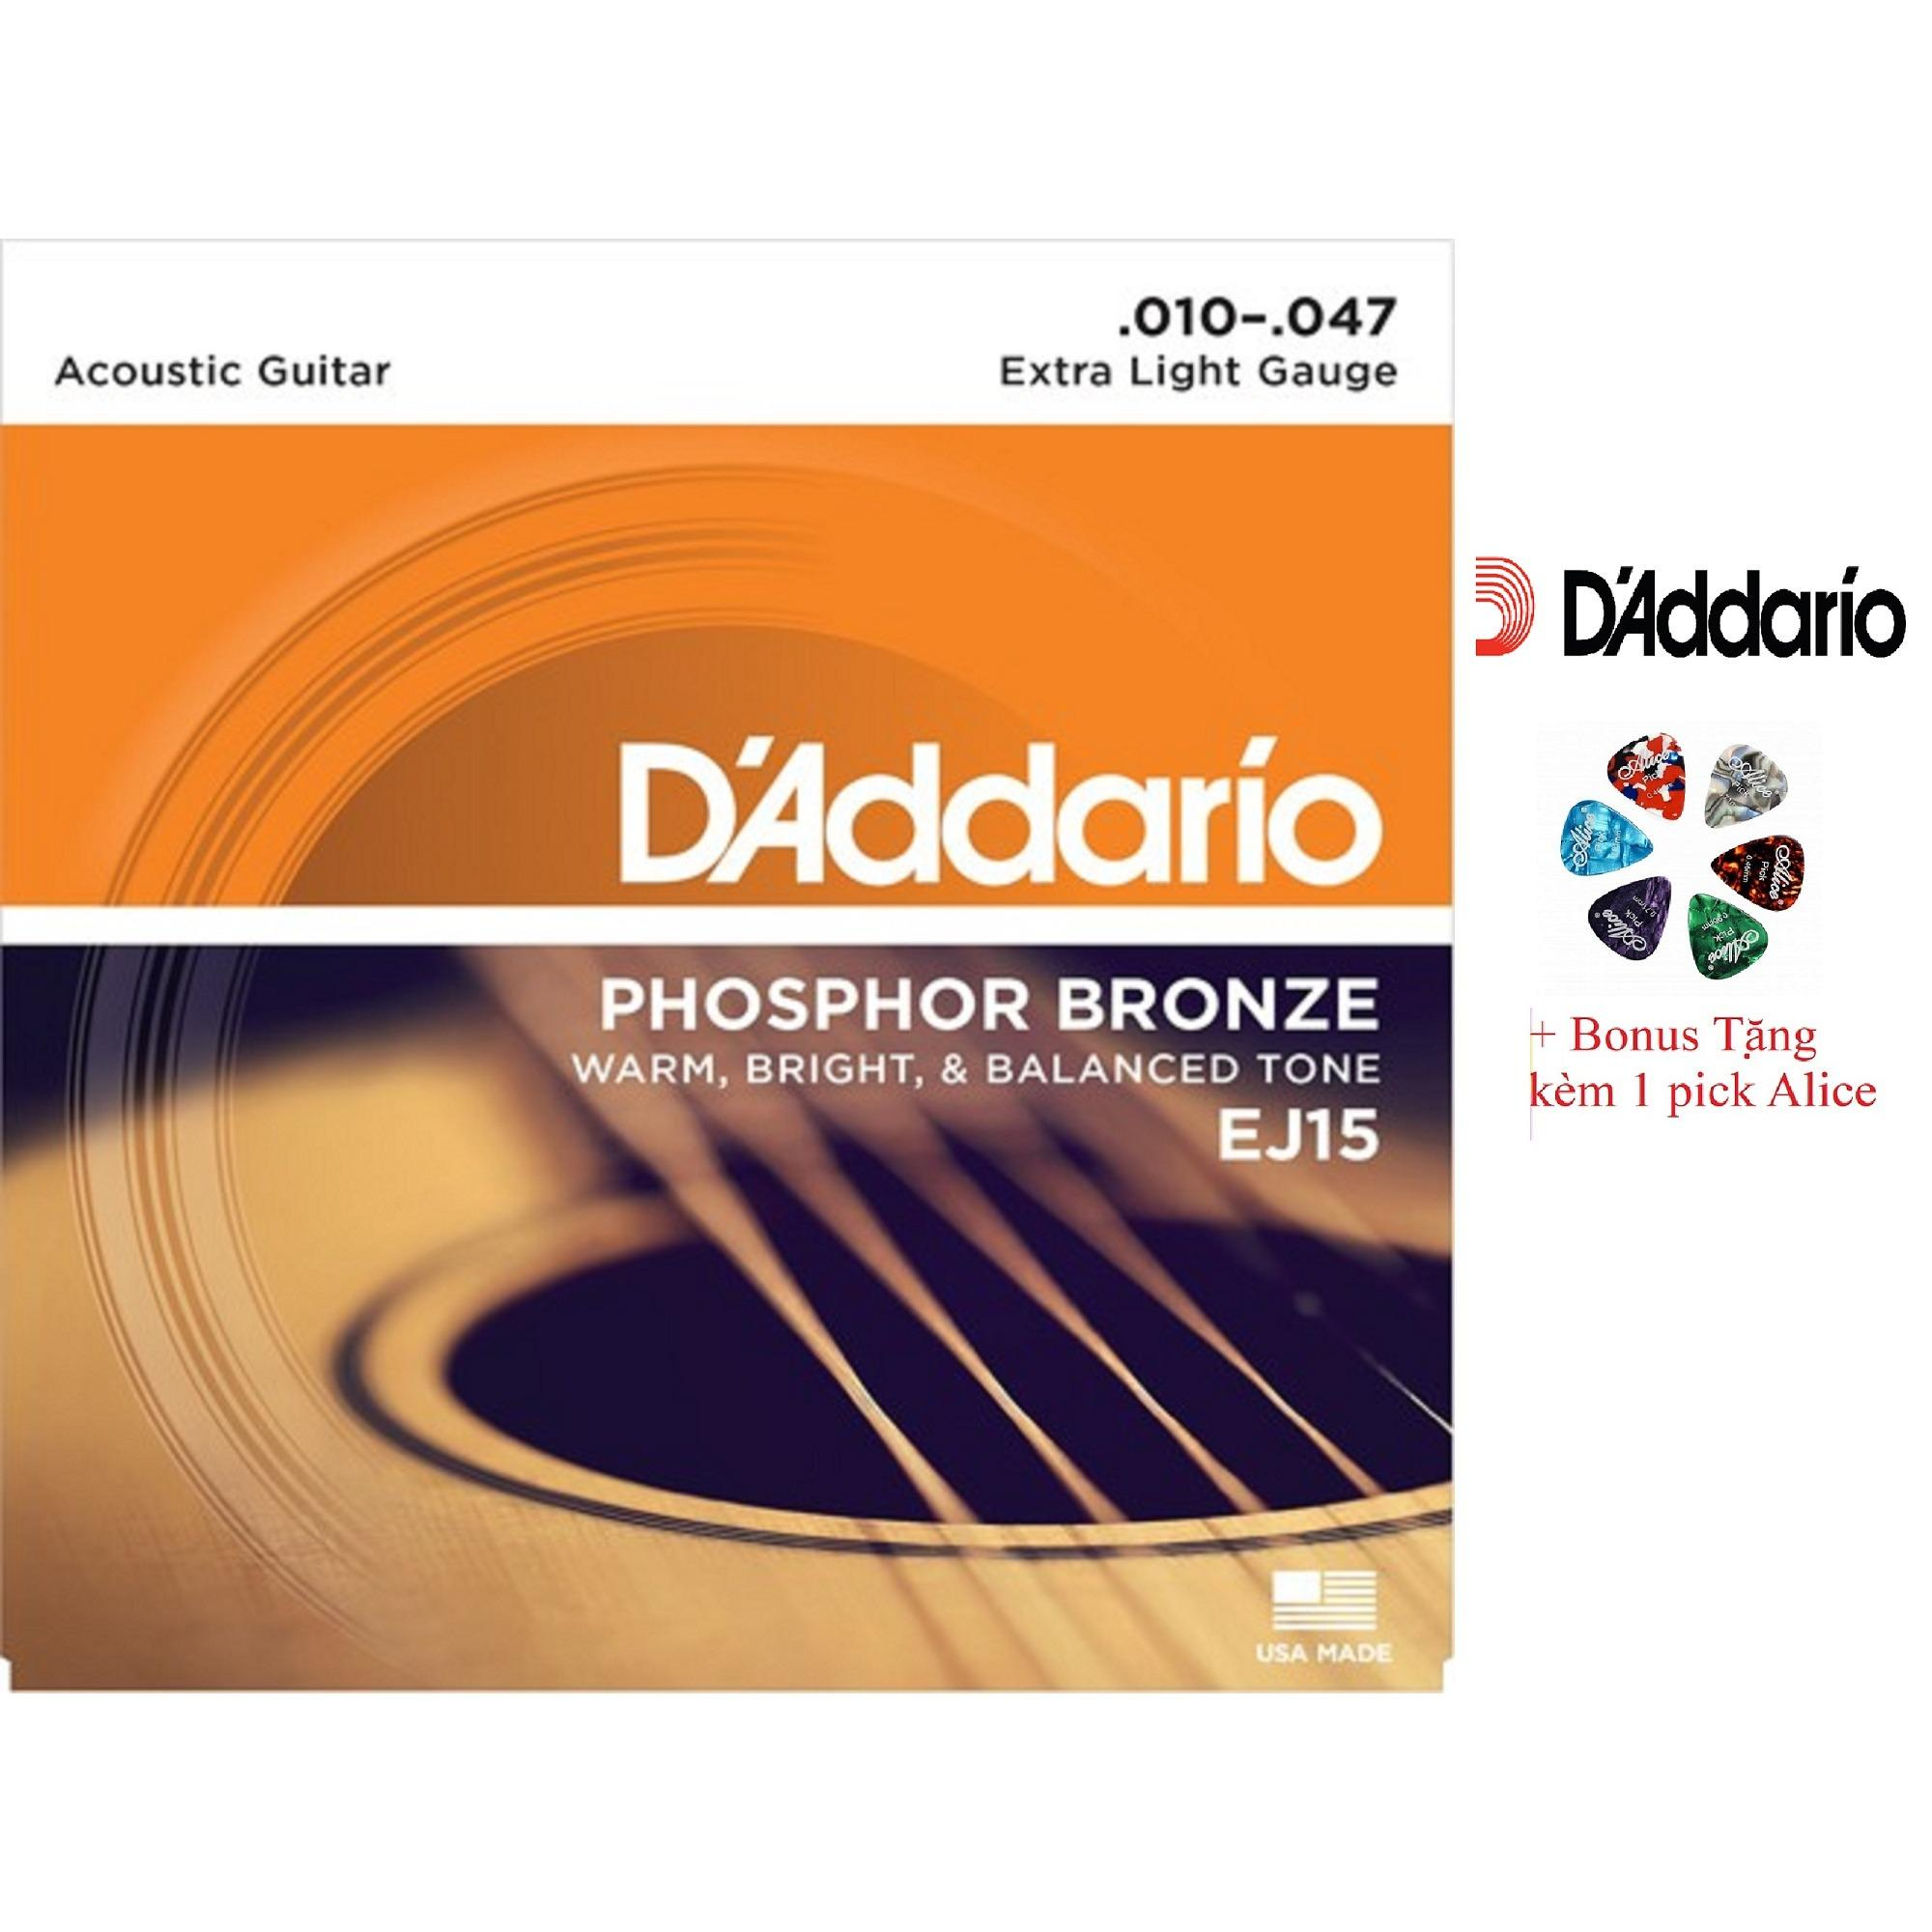 Mã Khuyến Mại Bộ Hộp 6 Day Đan Guitar Acoustic D Addario Ej15 Cao Cấp Pick Alice Cỡ 10 D Addadrio Mới Nhất